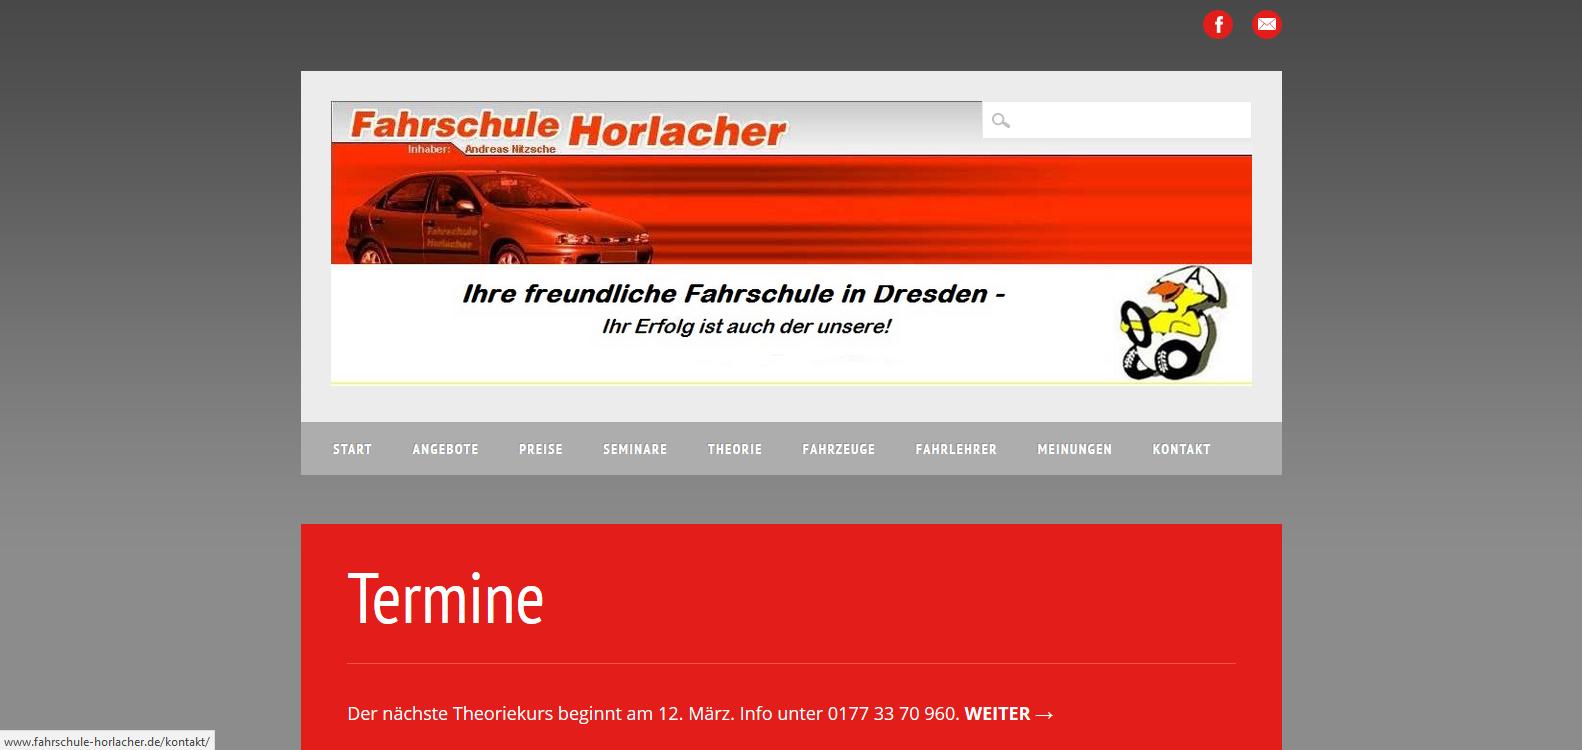 Die Fahrschule Horlacher aus Dresden…